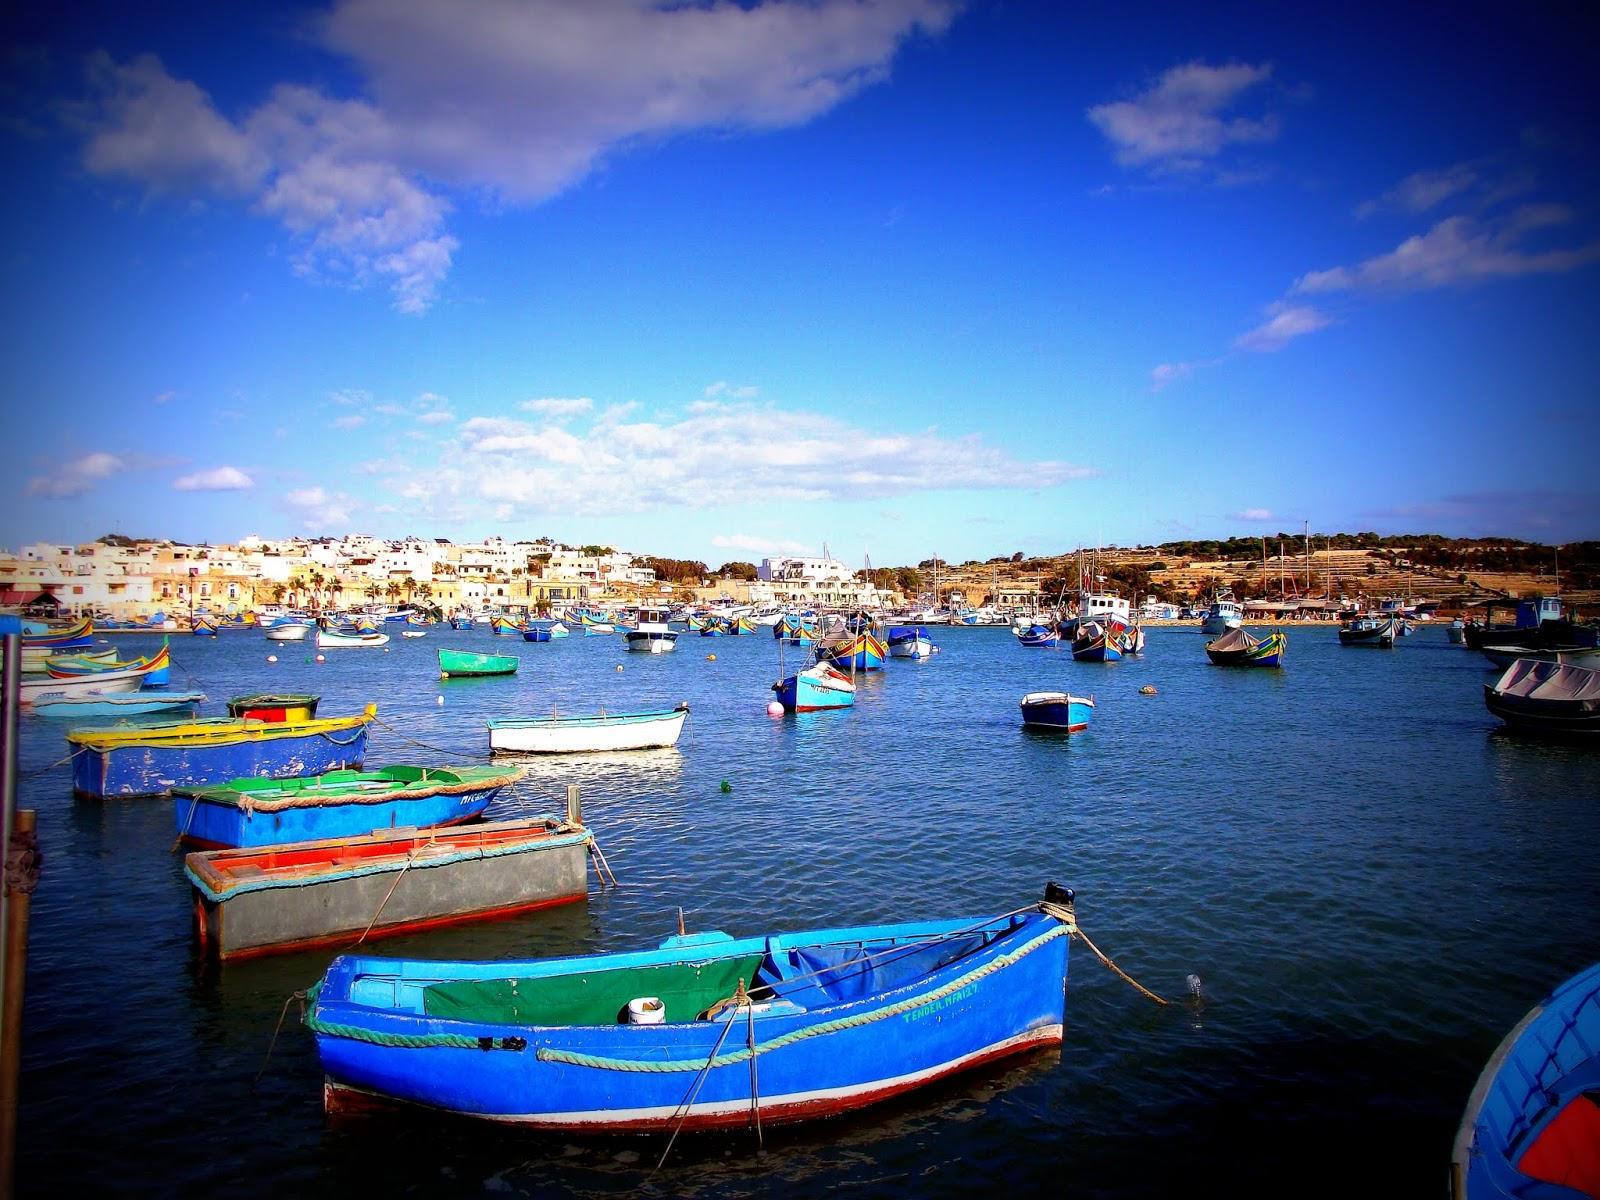 barcas luzzus en Malta